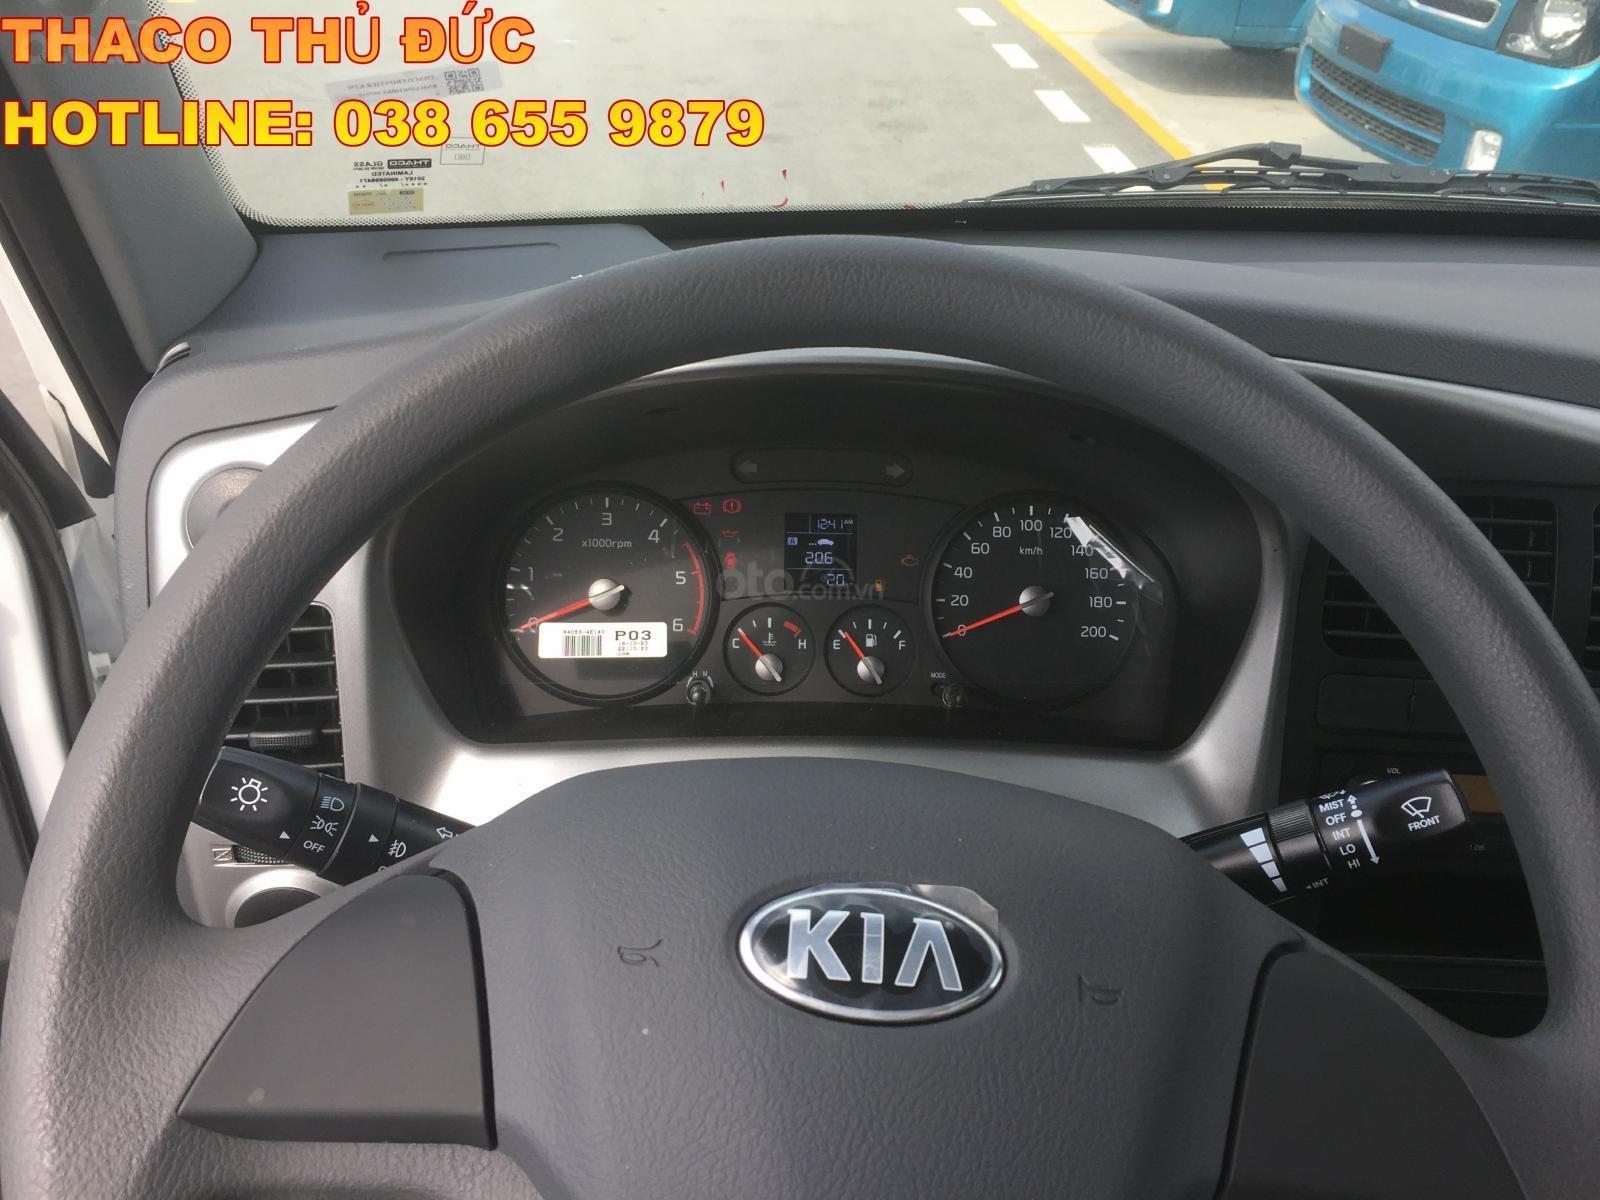 Bán xe tải giá tốt - Kia K250 thùng kín- dài 3,5m- tải 2,4T/ 1,4T- hỗ trợ trả góp 75%- LH 038 655 9879 (3)